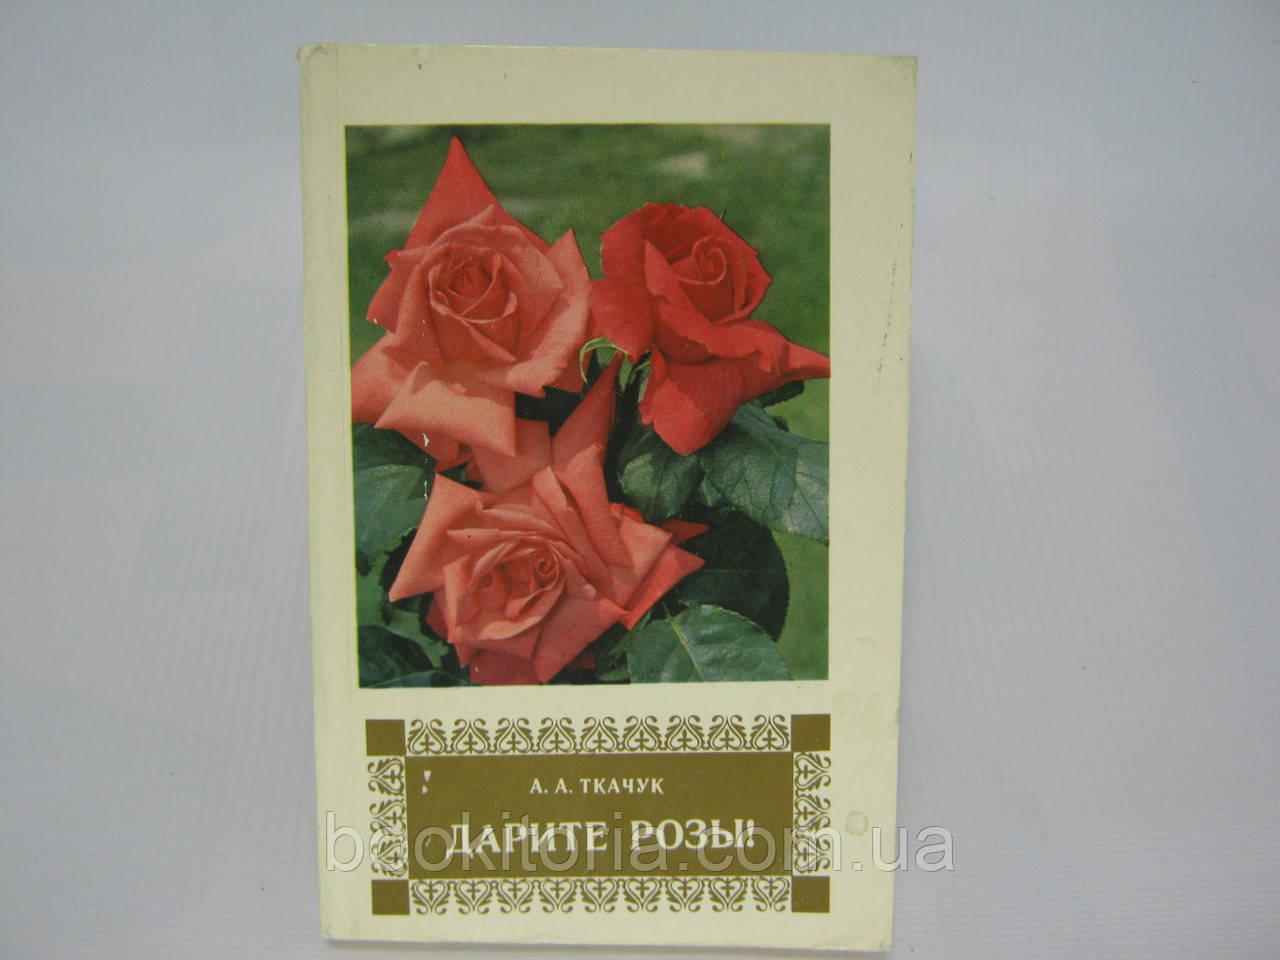 Ткачук А.А. Дарите розы (б/у).